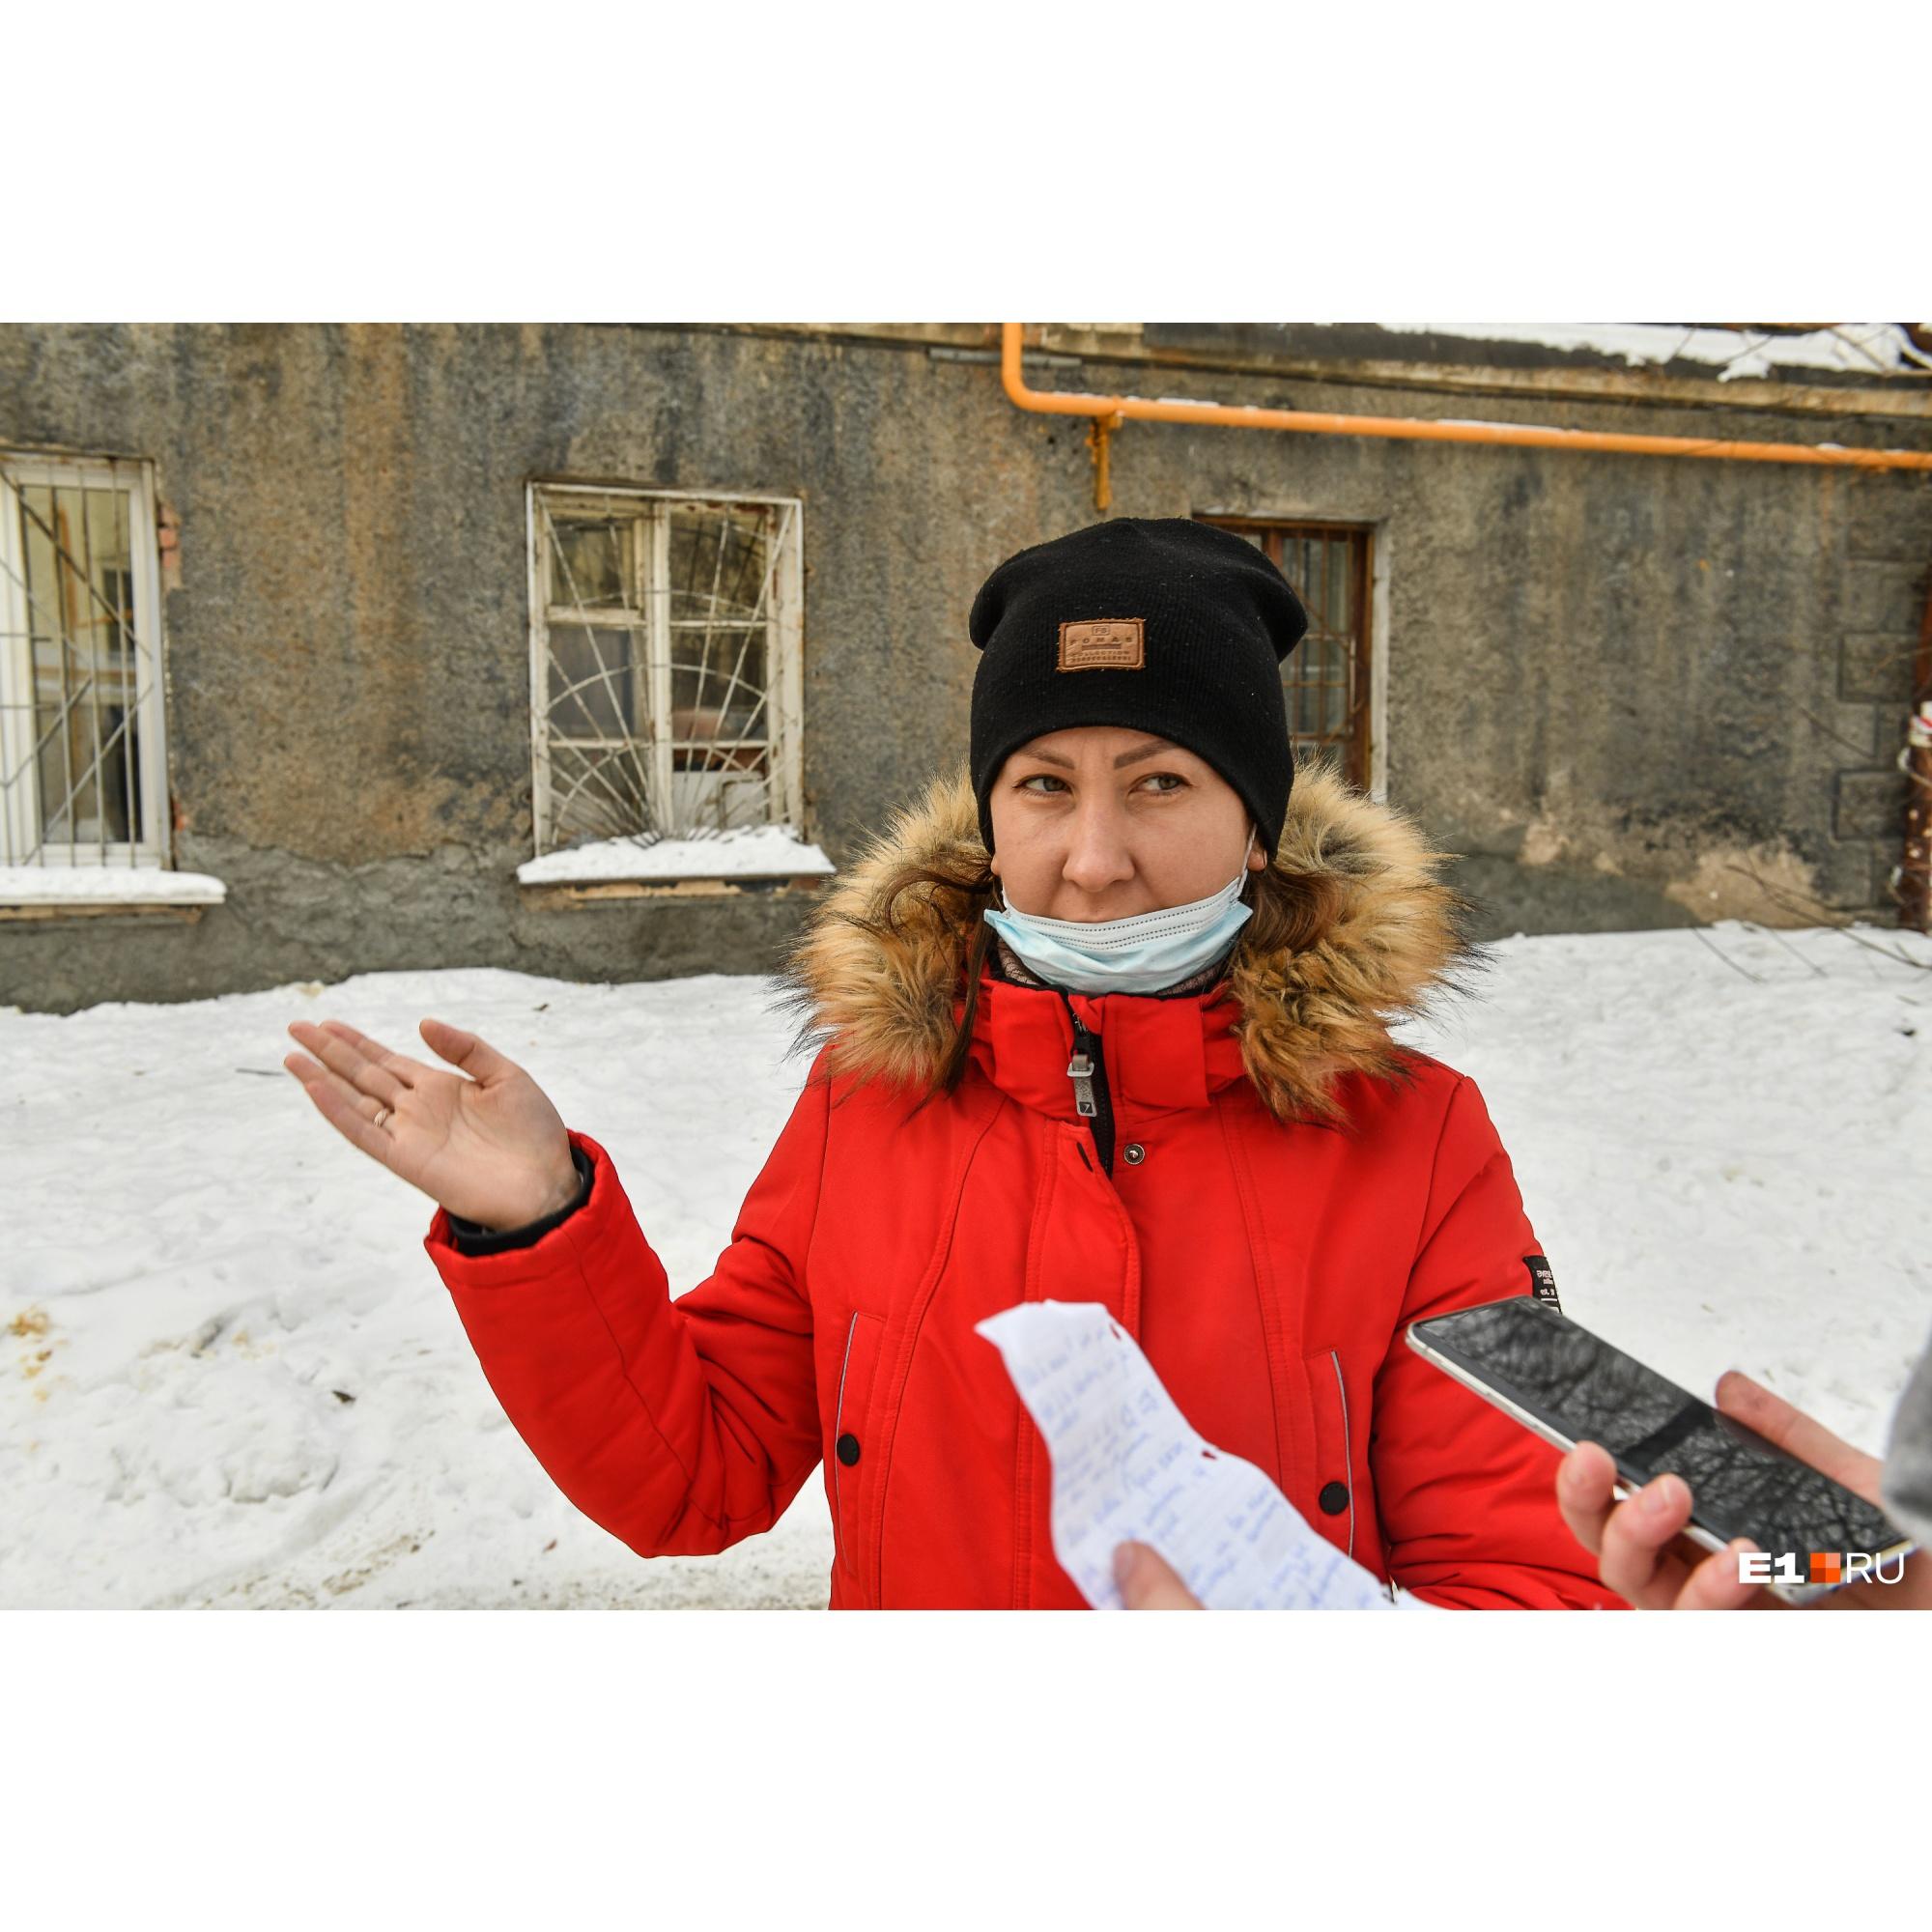 Ирина Сенцова живет в общежитии с 2014 года